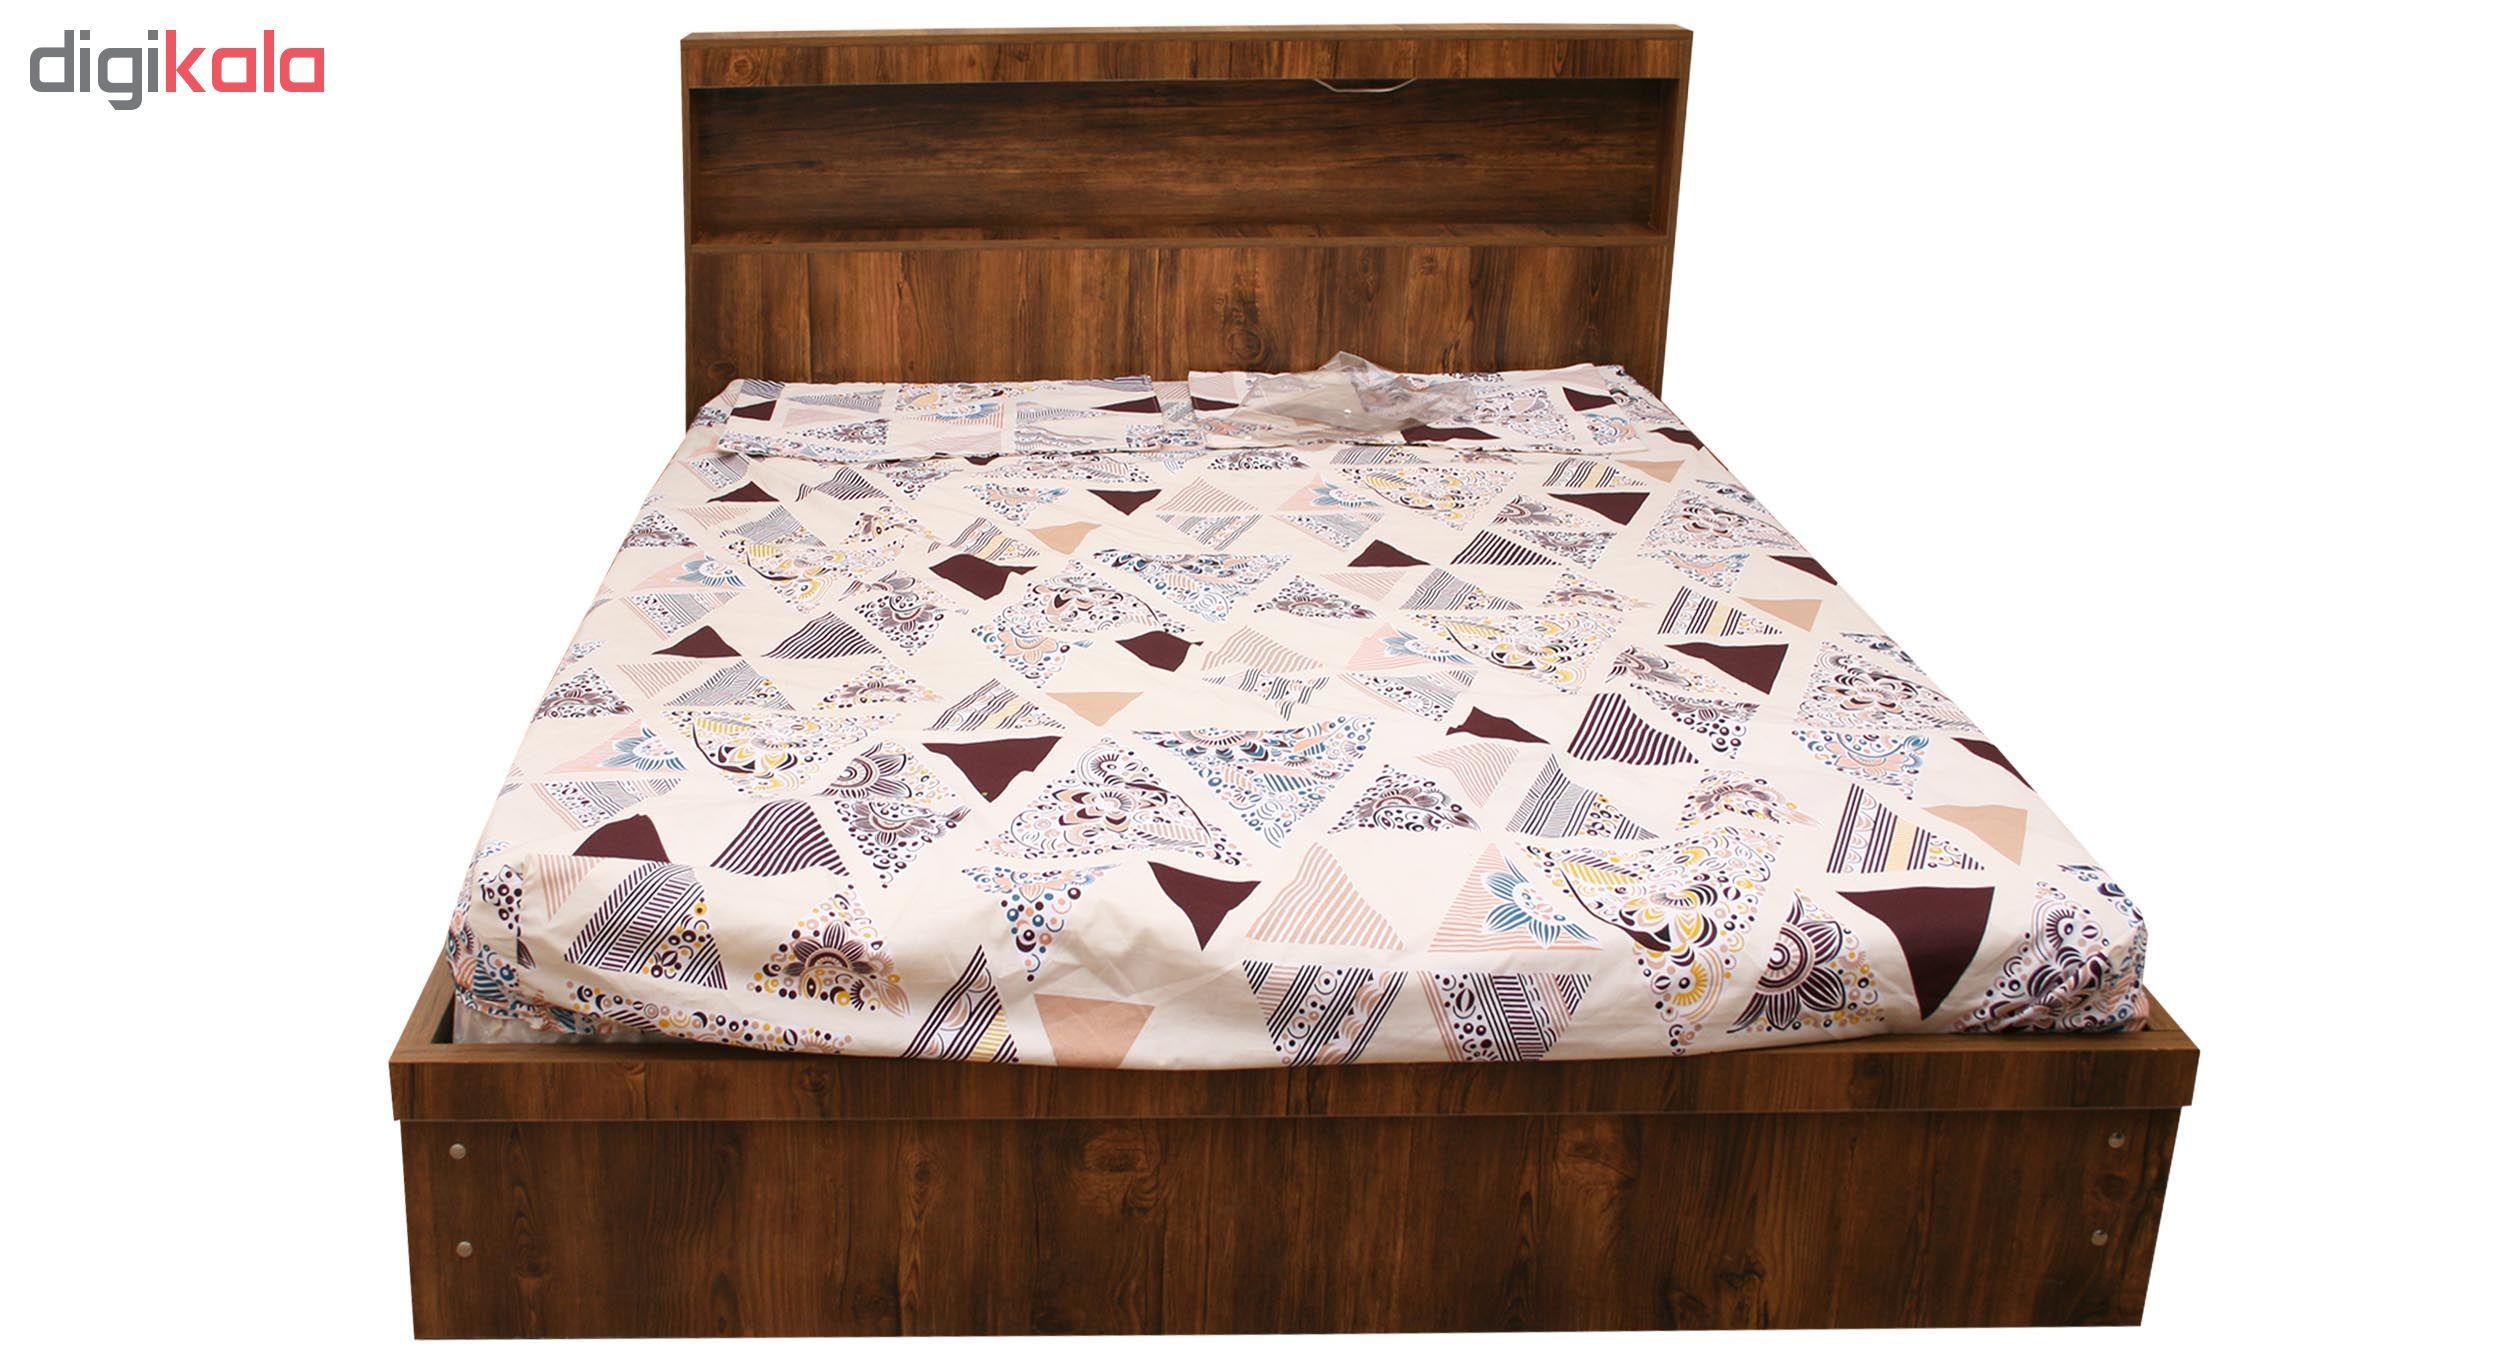 تخت خواب 2 نفره کد MD012 سایز 160×200 سانتی متر main 1 3